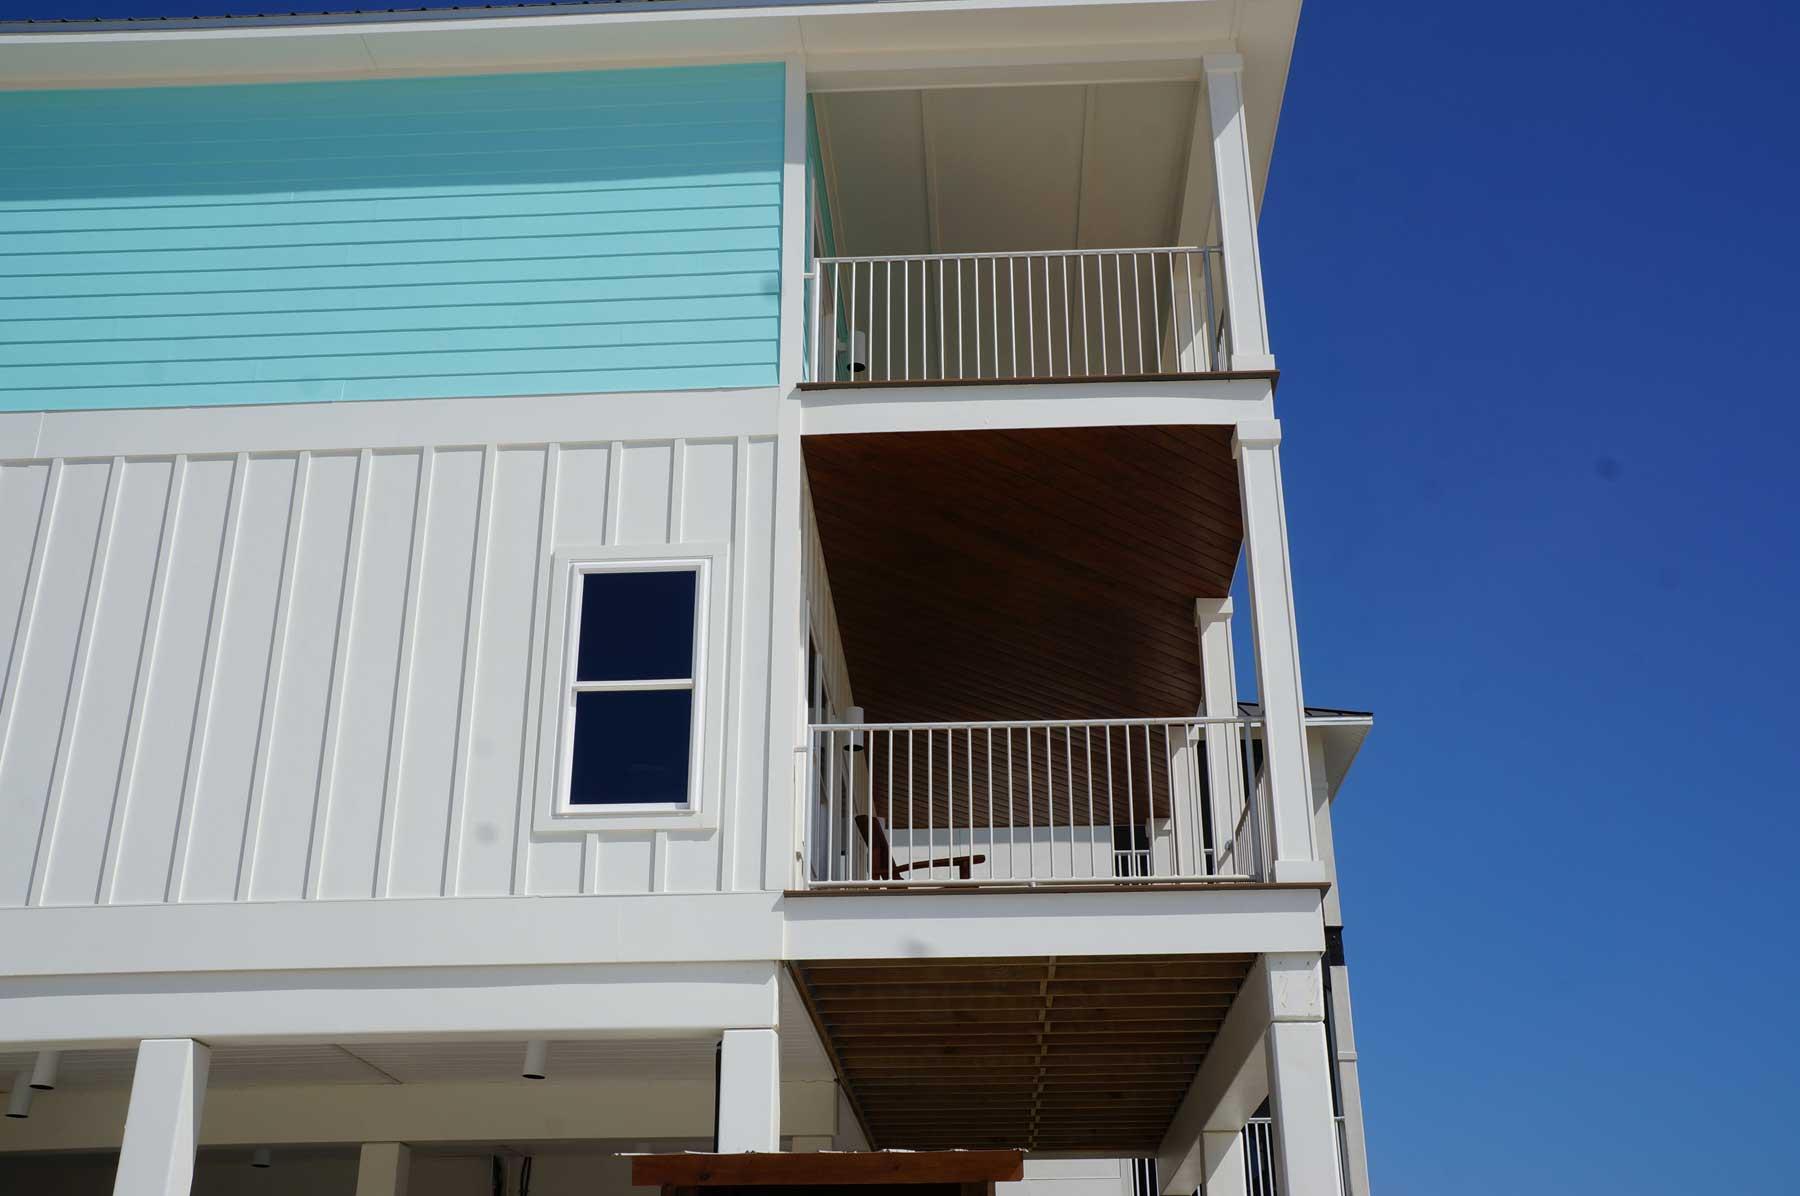 Decks on both upper floors